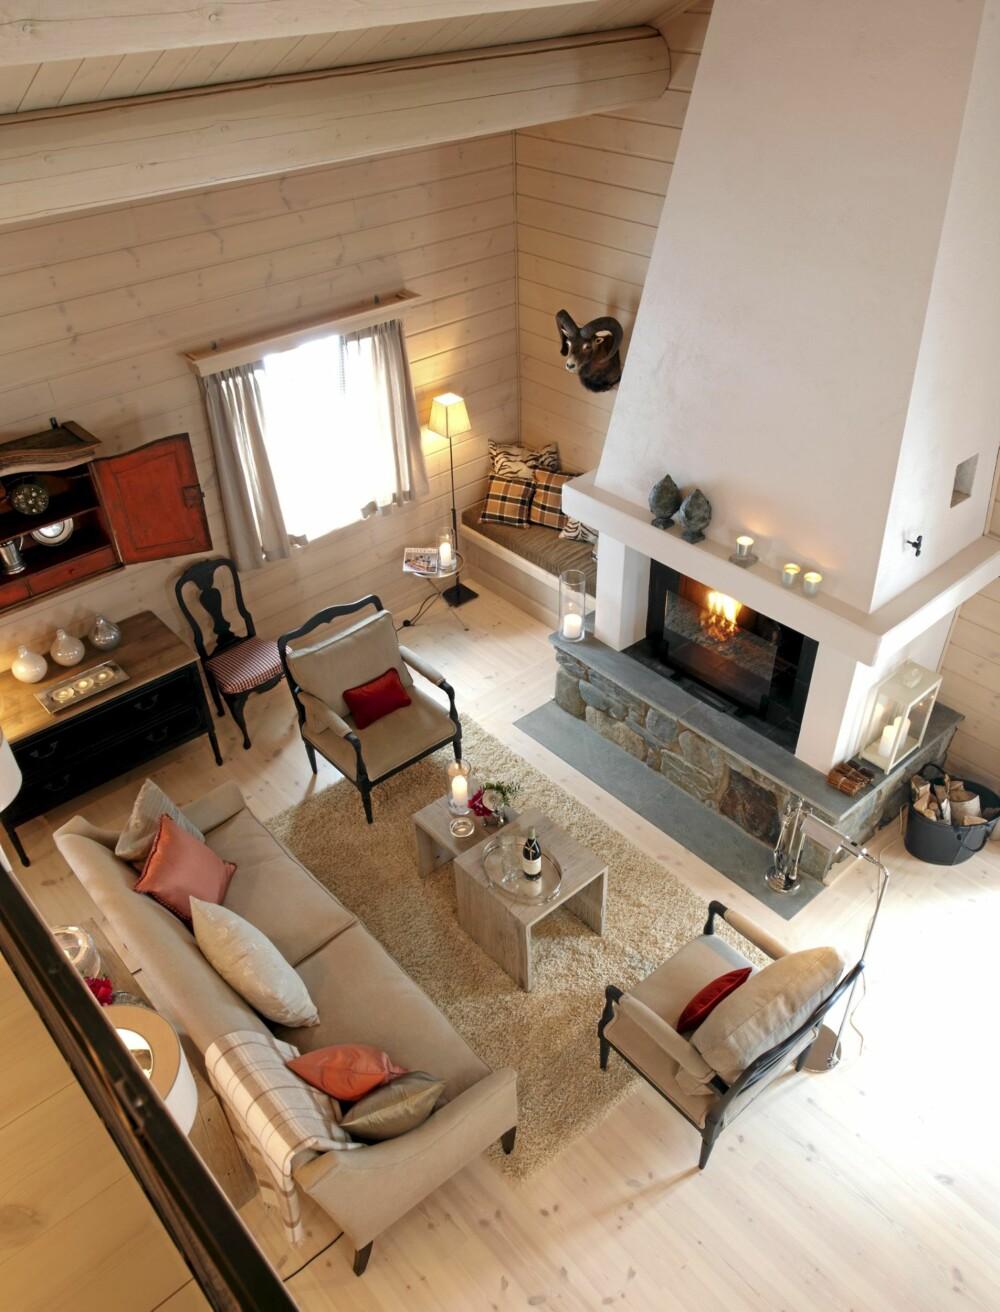 """LETT OG LUFTIG: Med god plass rundt seg får alle møblene mulighet til å """"puste"""". Her er det møblert, men ikke overmøblert. Selv om fargene som er brukt er i en dempet skala, er atmosfæren i rommet frisk og frodig."""